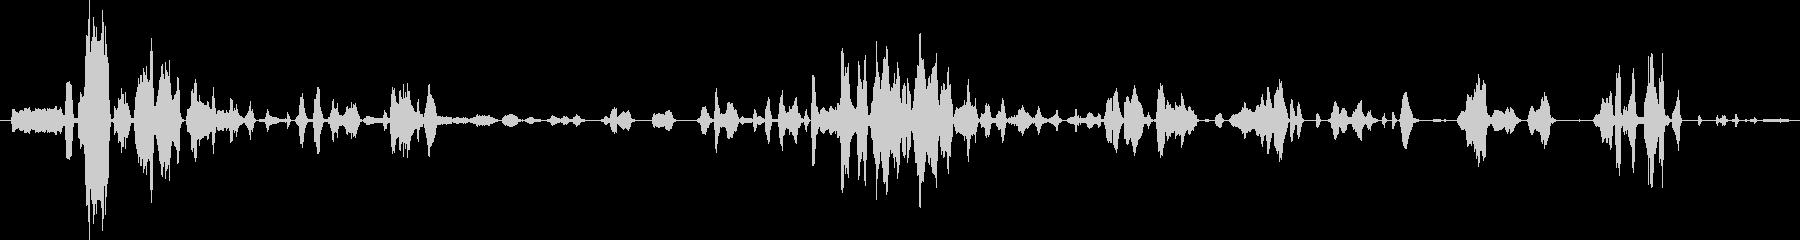 群集 トークラフ02の未再生の波形